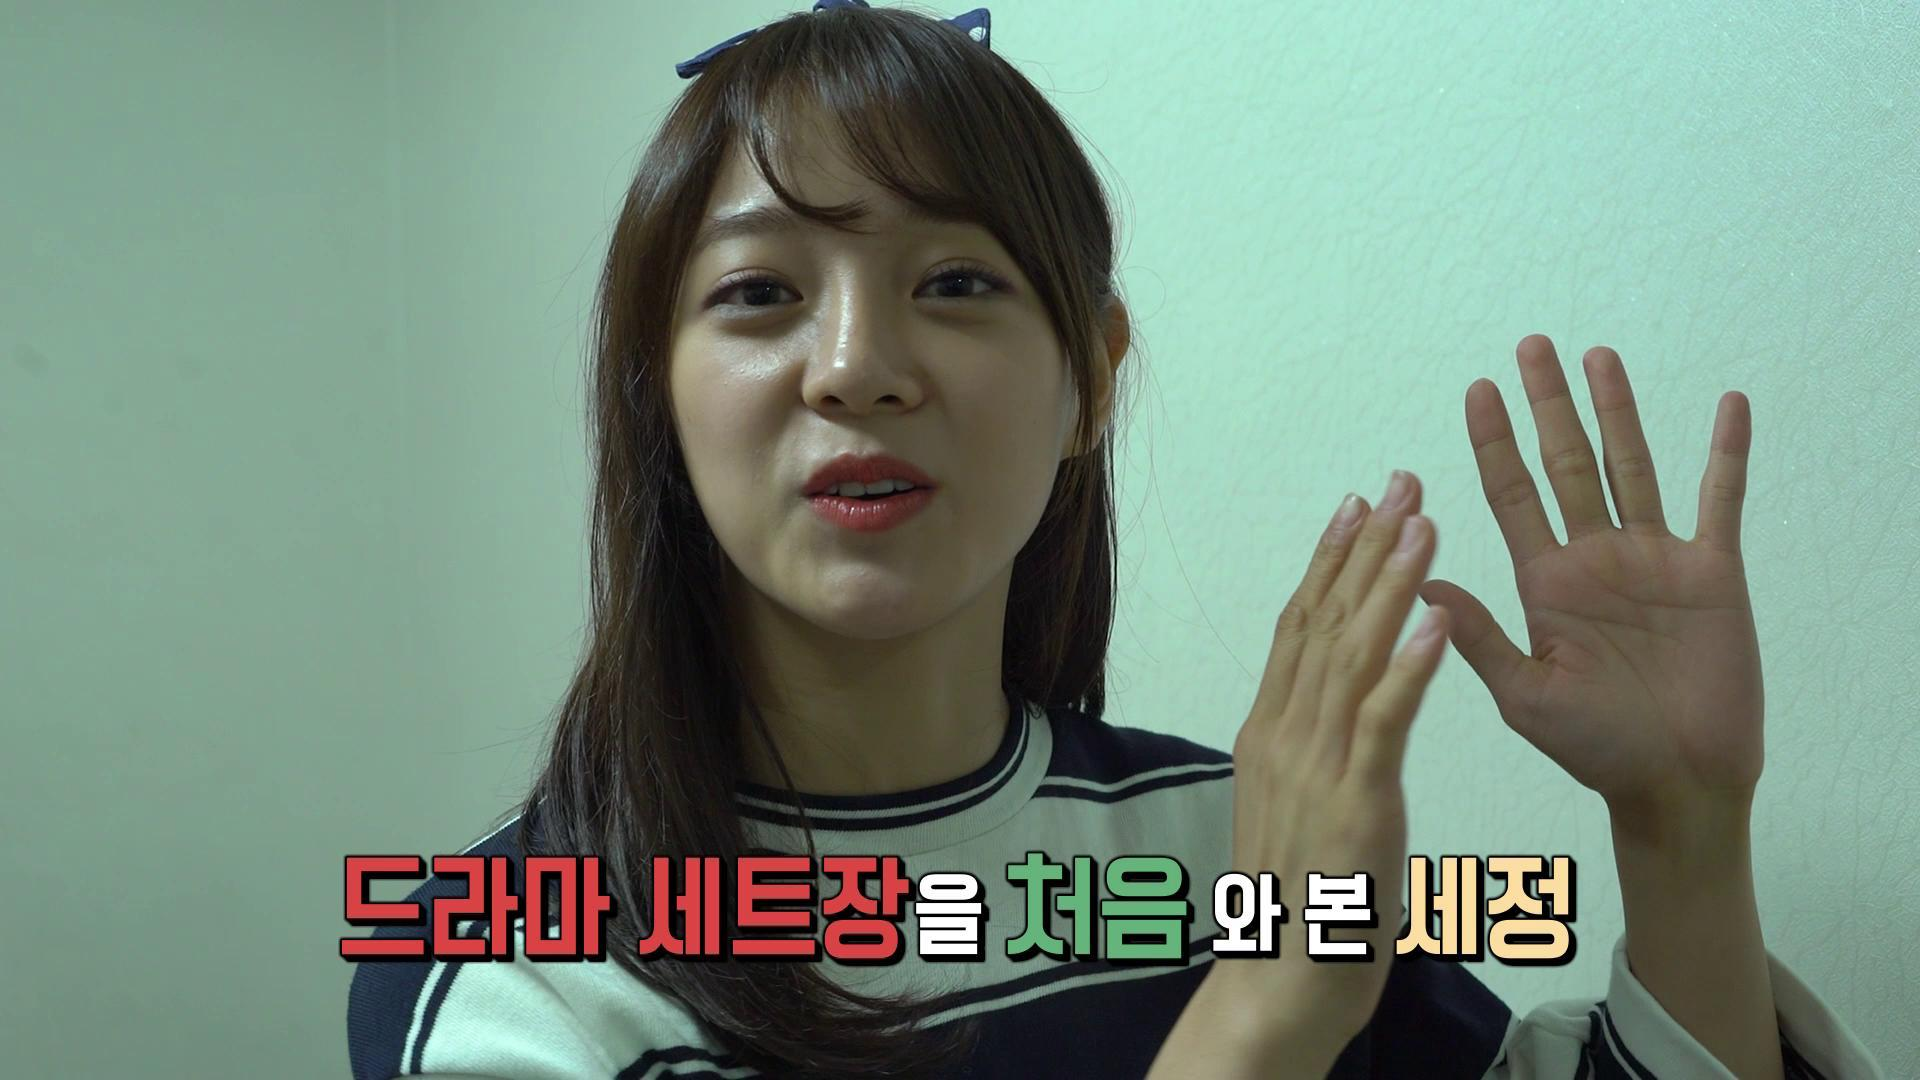 마음의 소리 메이킹 1 - 아이오아이 김세정이 떴다!